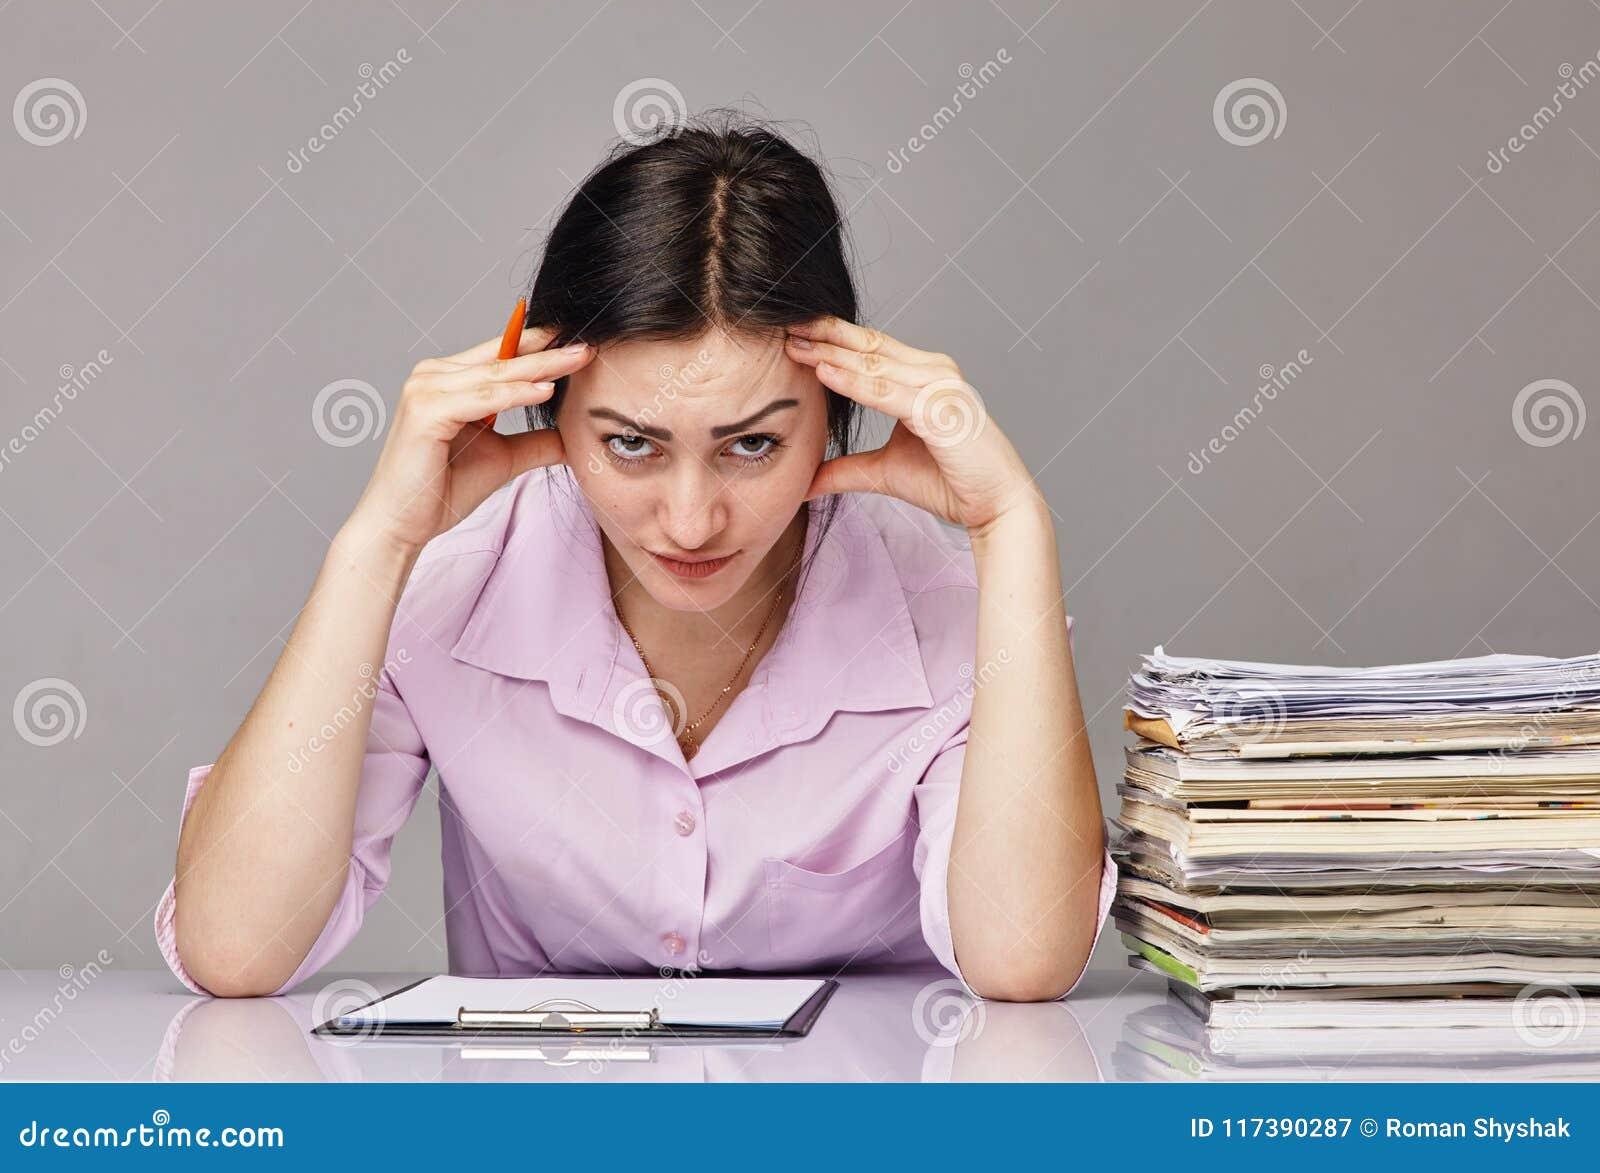 Фото бизнес-леди на работе, молодая попка тани порно видео